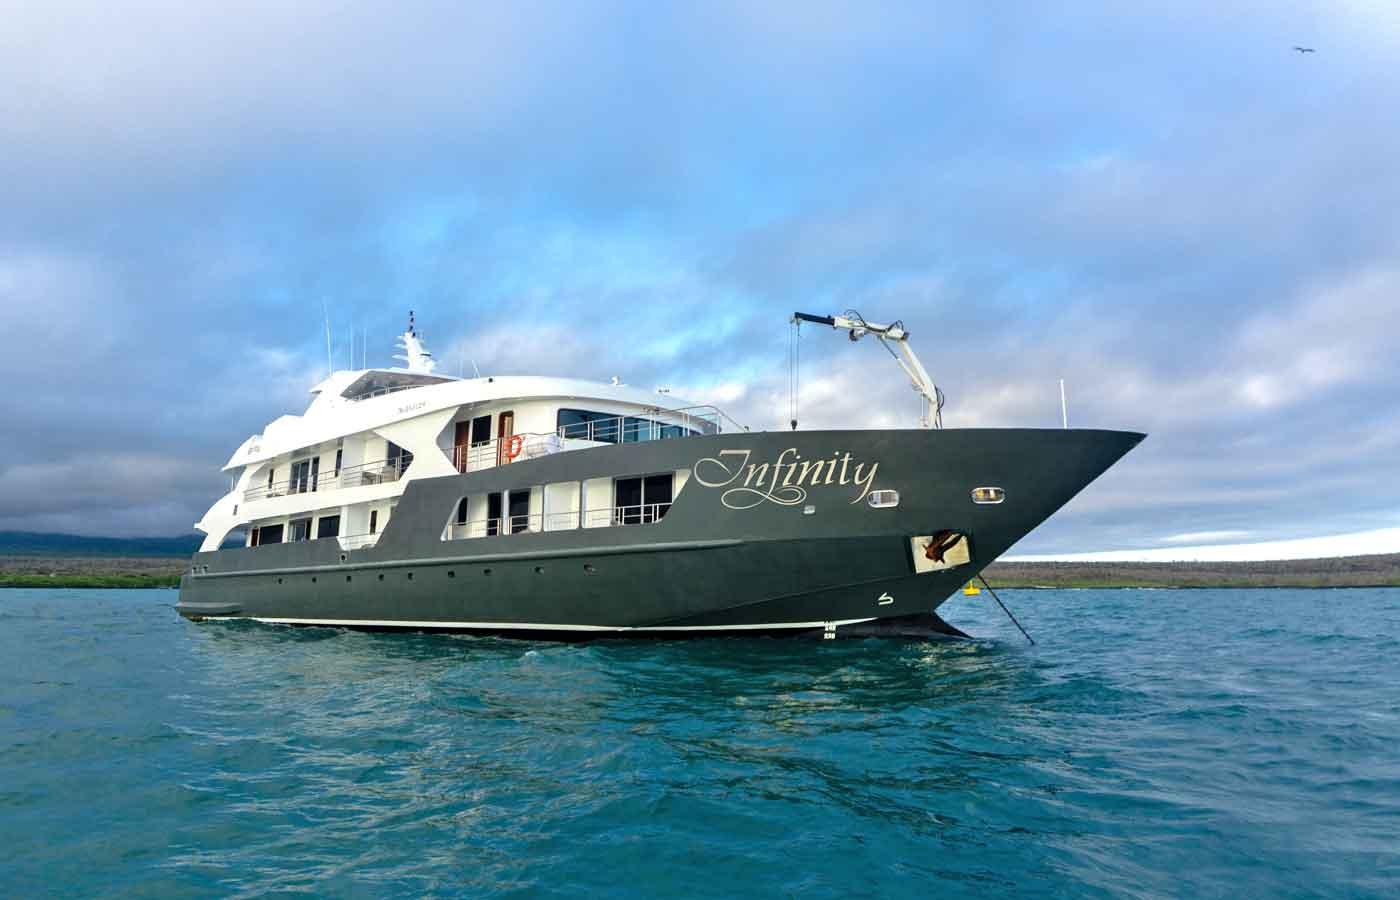 Infinity Luxury Yacht, Galapagos Islands